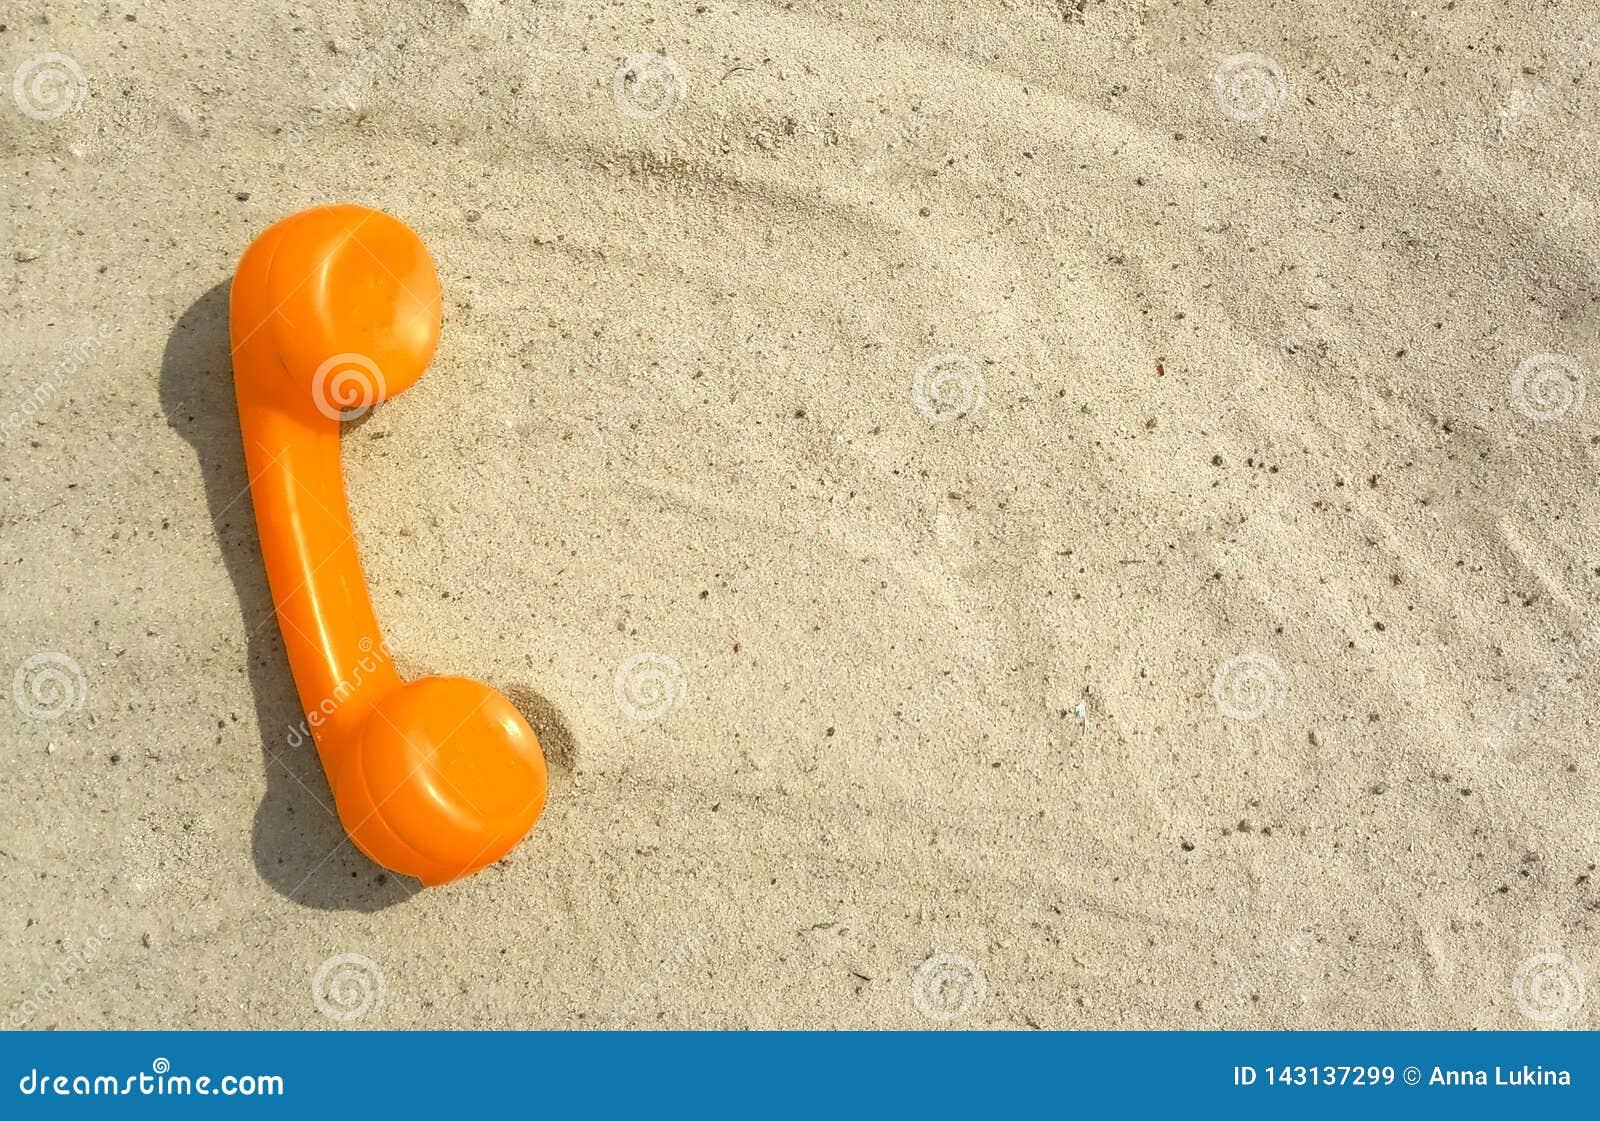 Ο πορτοκαλής σωλήνας ενός παλαιού εκλεκτής ποιότητας τηλεφώνου βρίσκεται στην άμμο